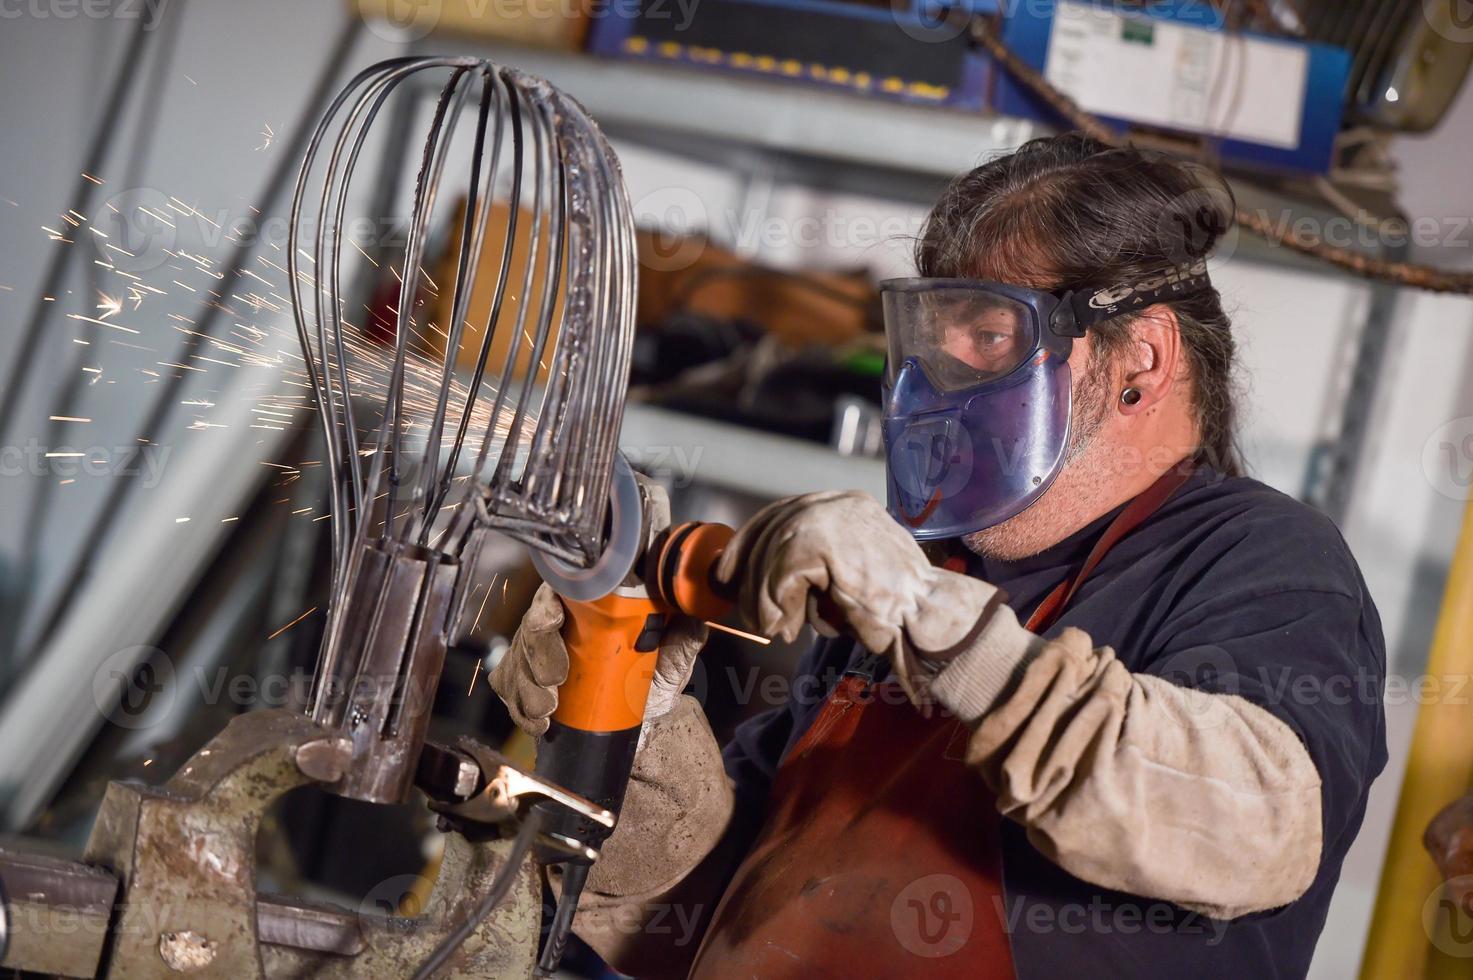 Metallarbeiter schleifen mit Funken in der Werkstatt foto